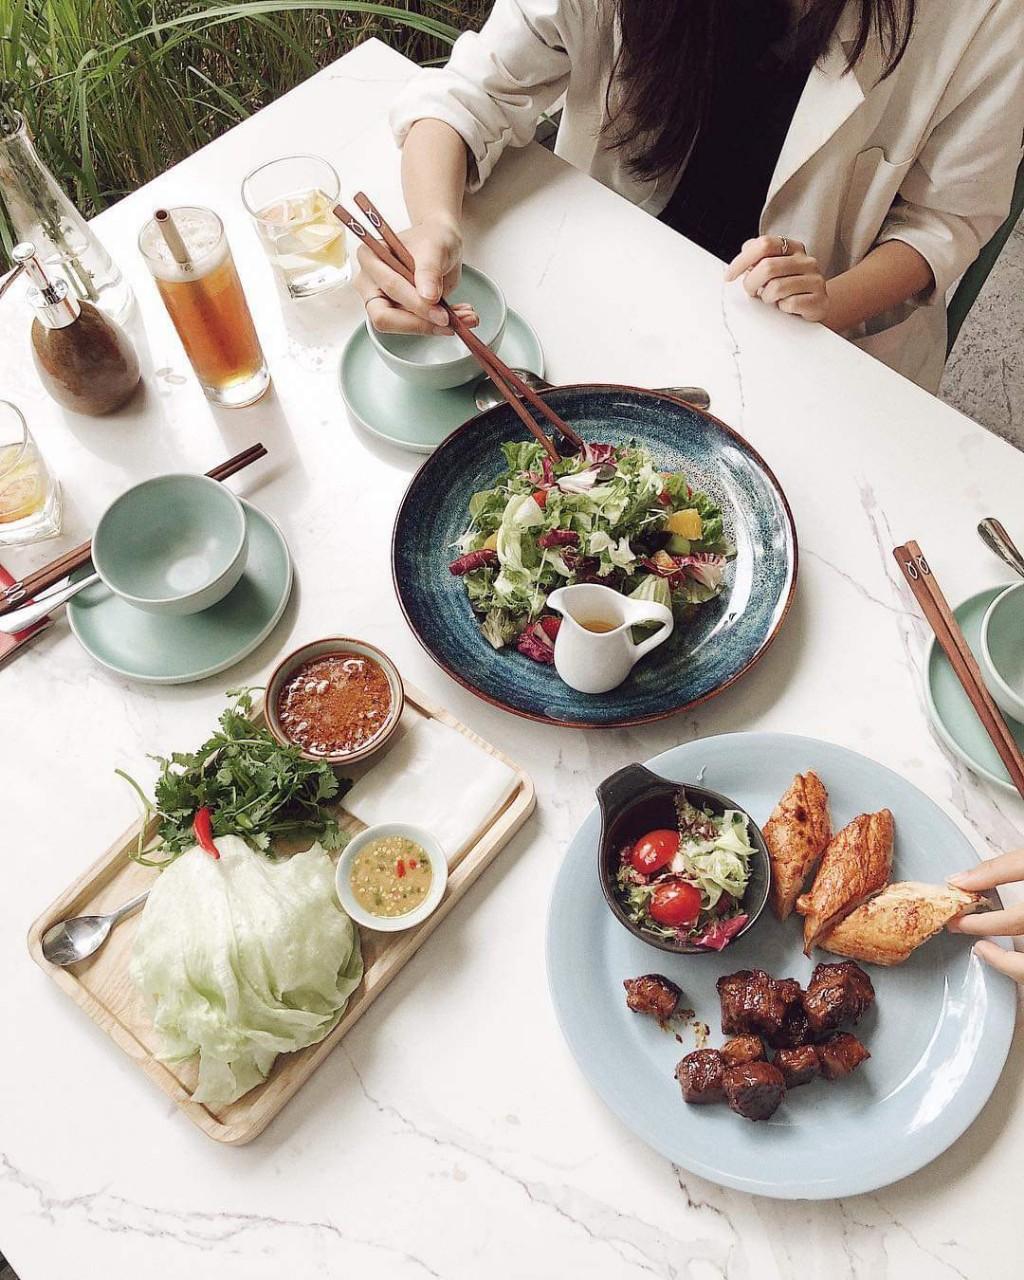 Các tín đồ ẩm thực háo hức khi Quán Ăn Ngon khai trương nhà hàng 3.000m2 ngay trung tâm thành phố - Ảnh 1.